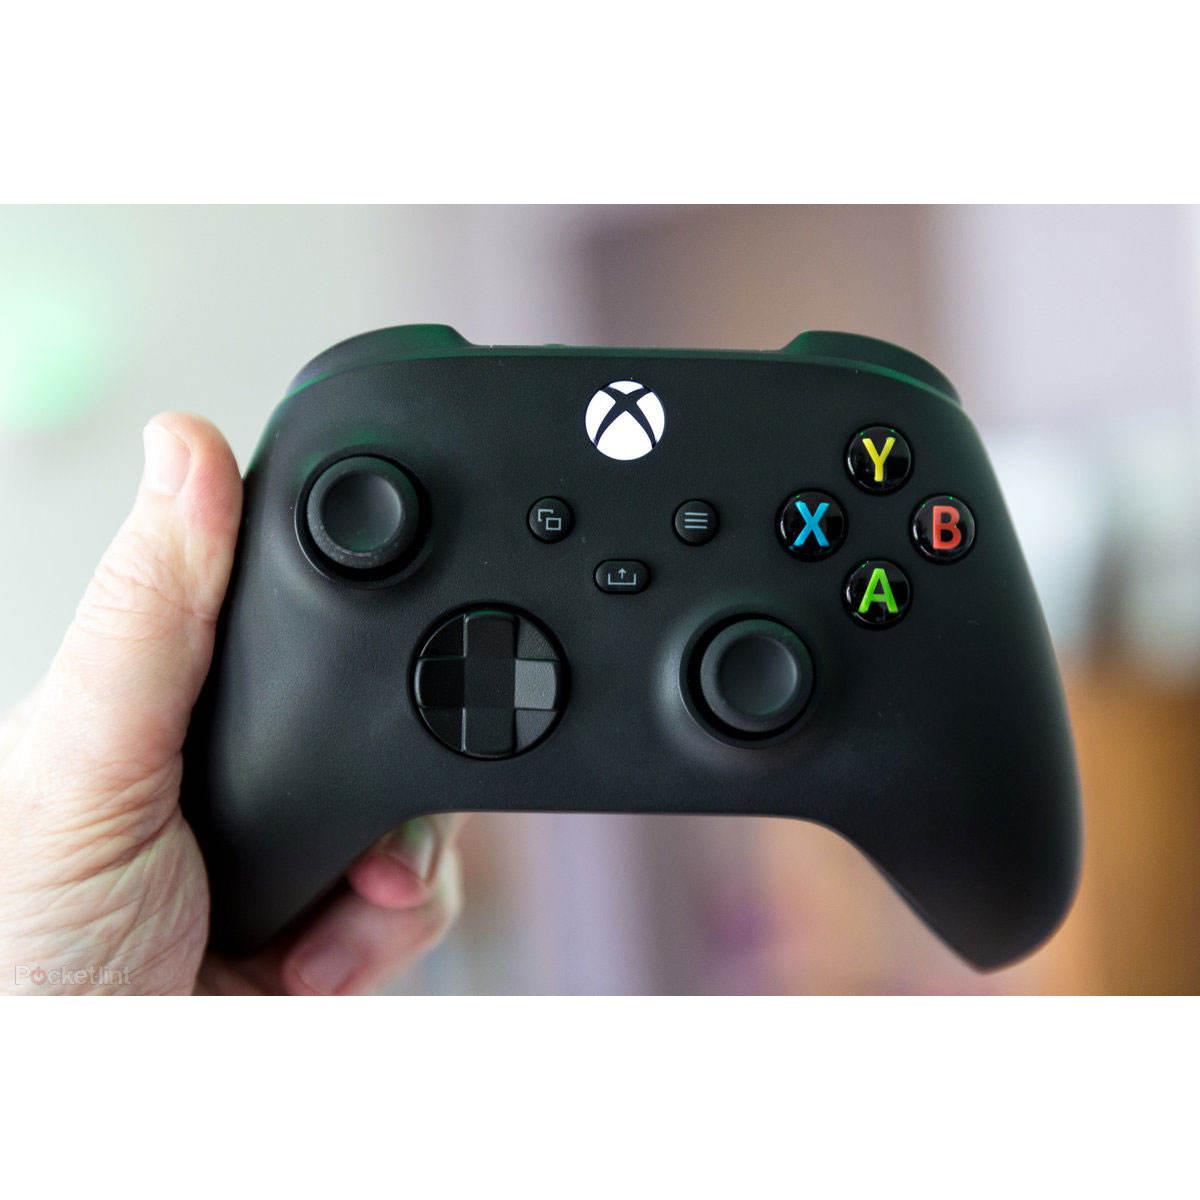 مجموعه کنسول بازی مایکروسافت مدل Xbox Series X ظرفیت 1 ترابایت main 1 15